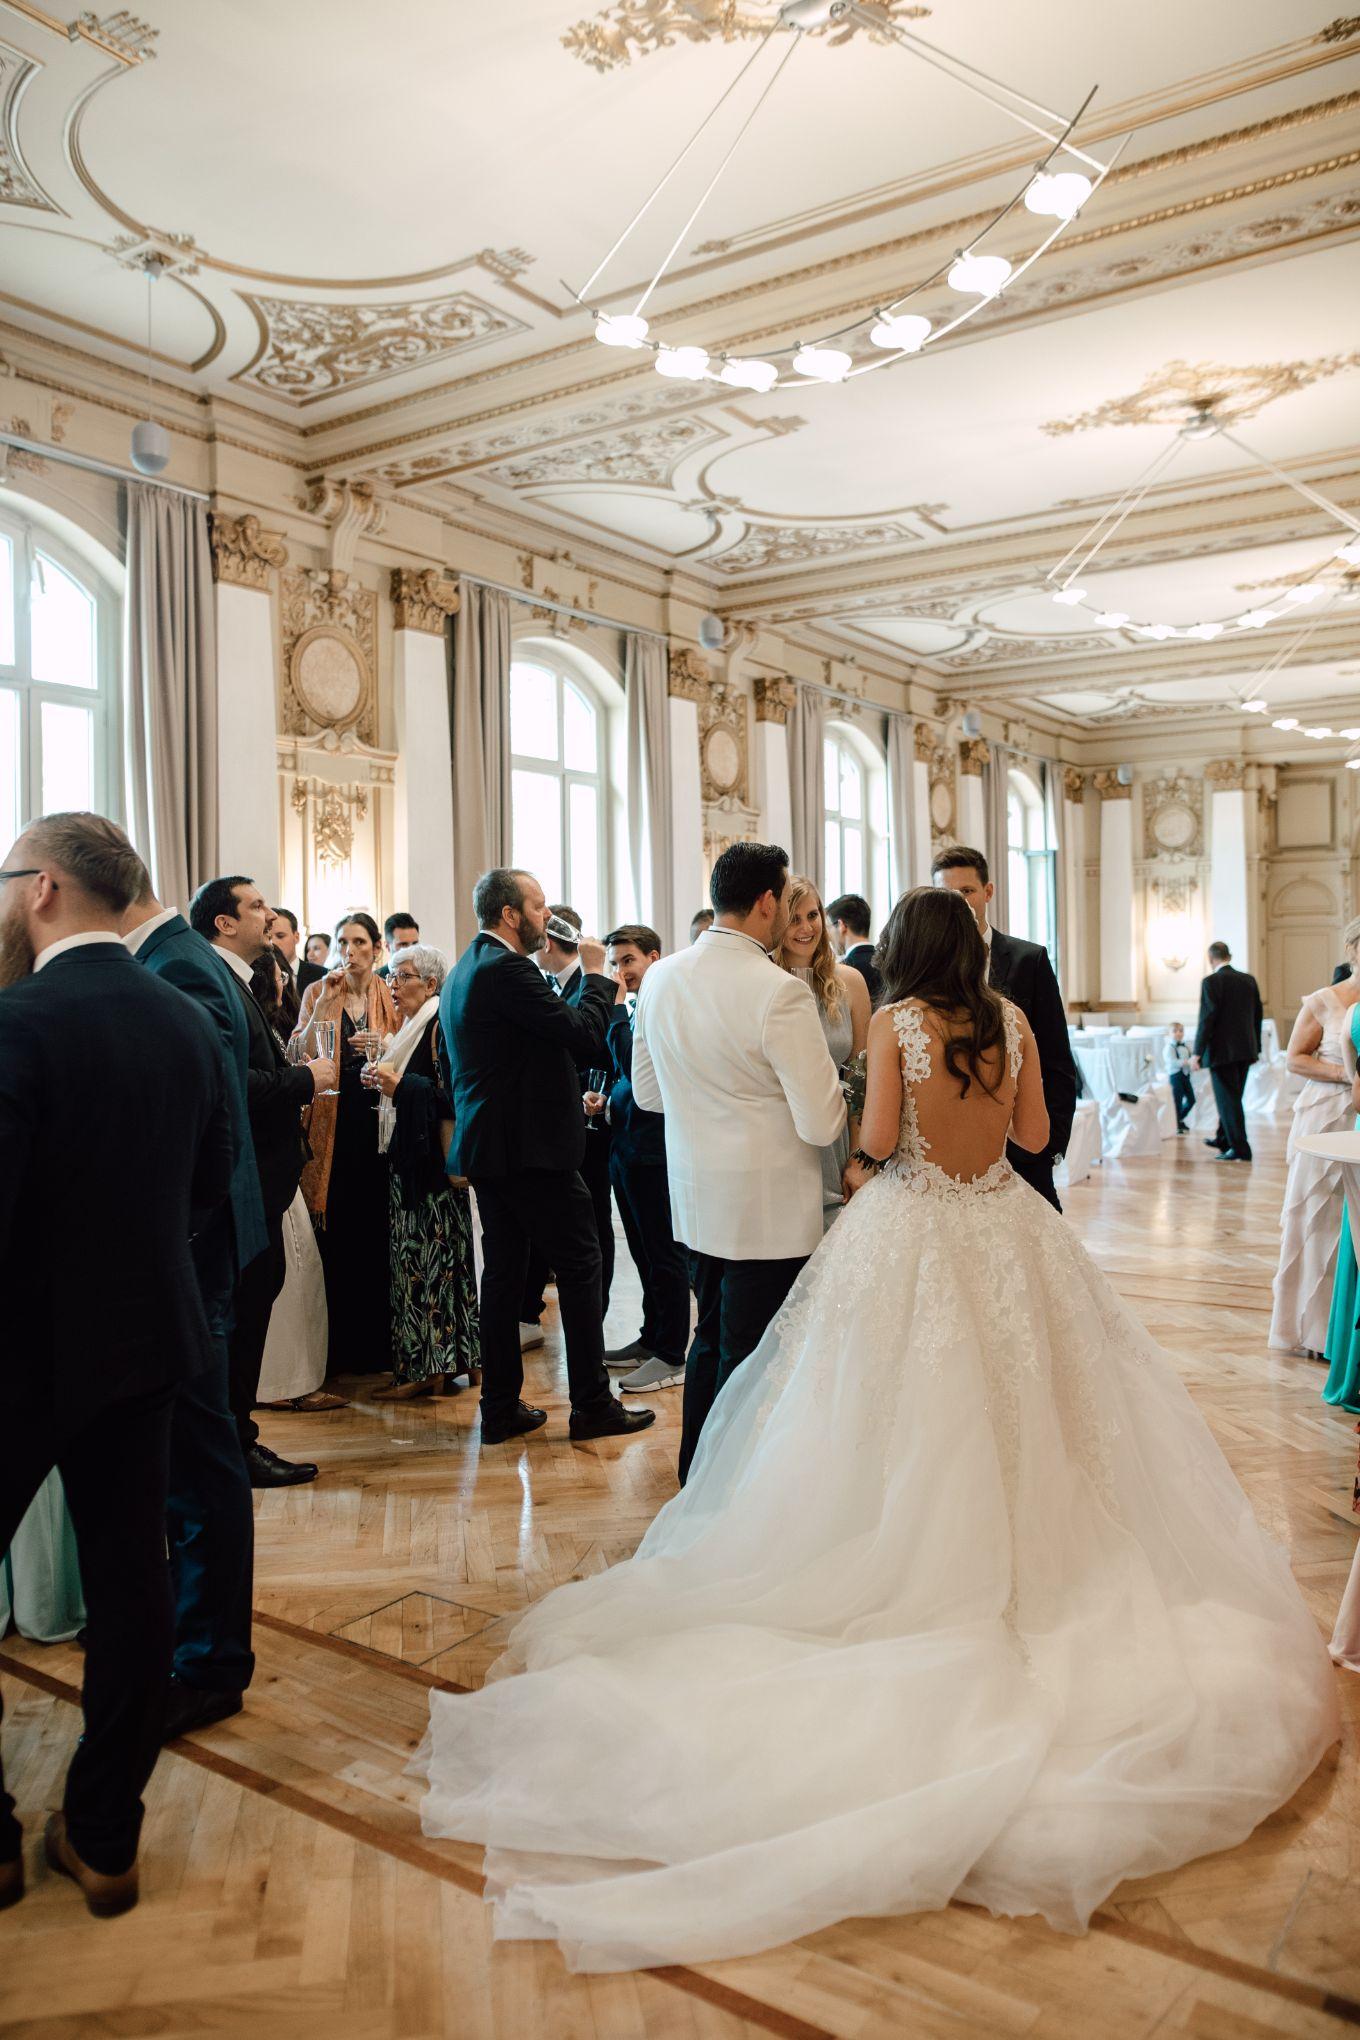 Historische-Stadthalle-Wuppertal-Hochzeit-The-Saums-KN-3-229.jpg